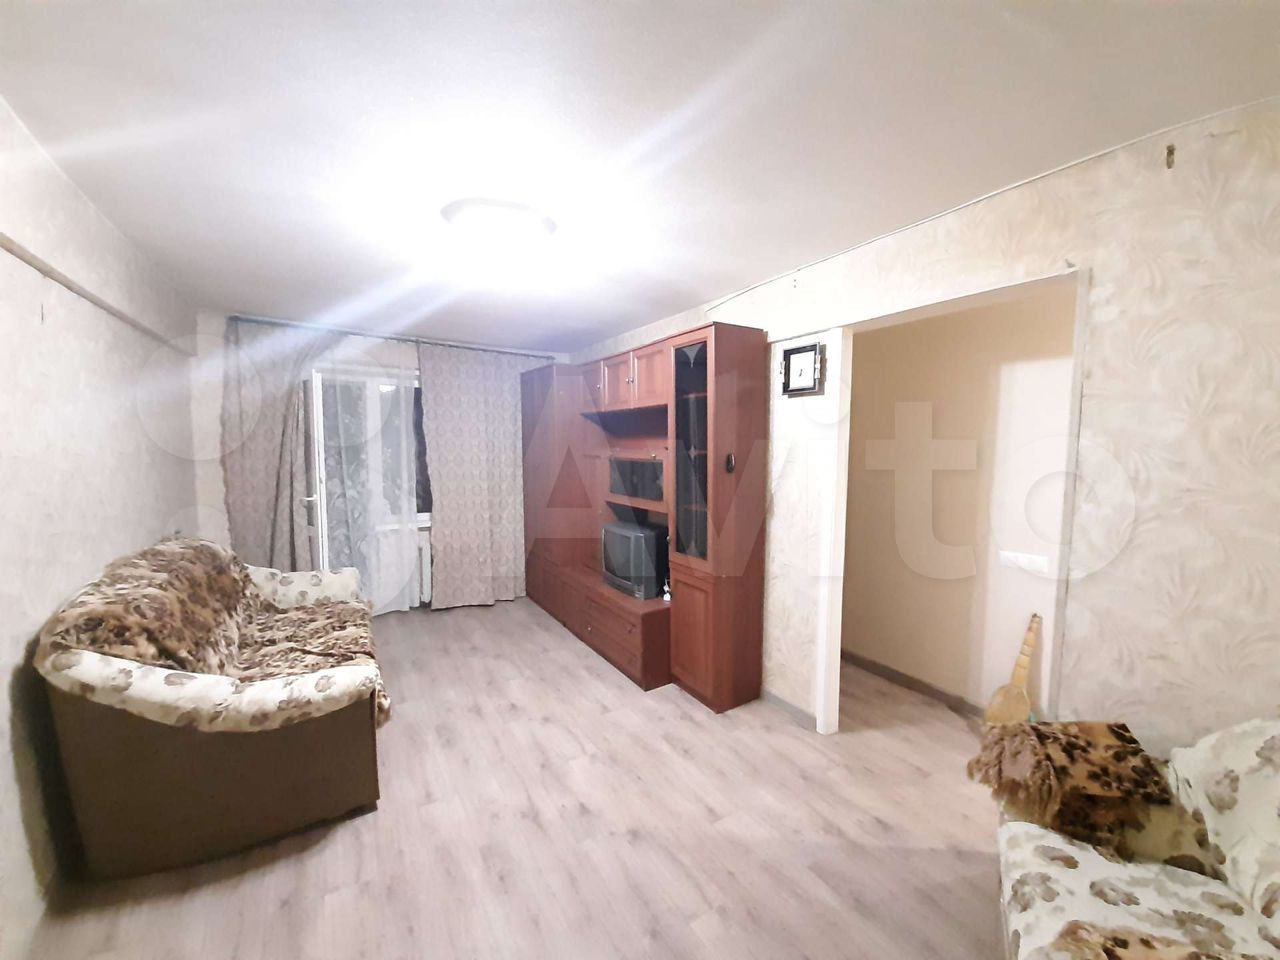 2-к квартира, 44 м², 2/5 эт.  89532657500 купить 2